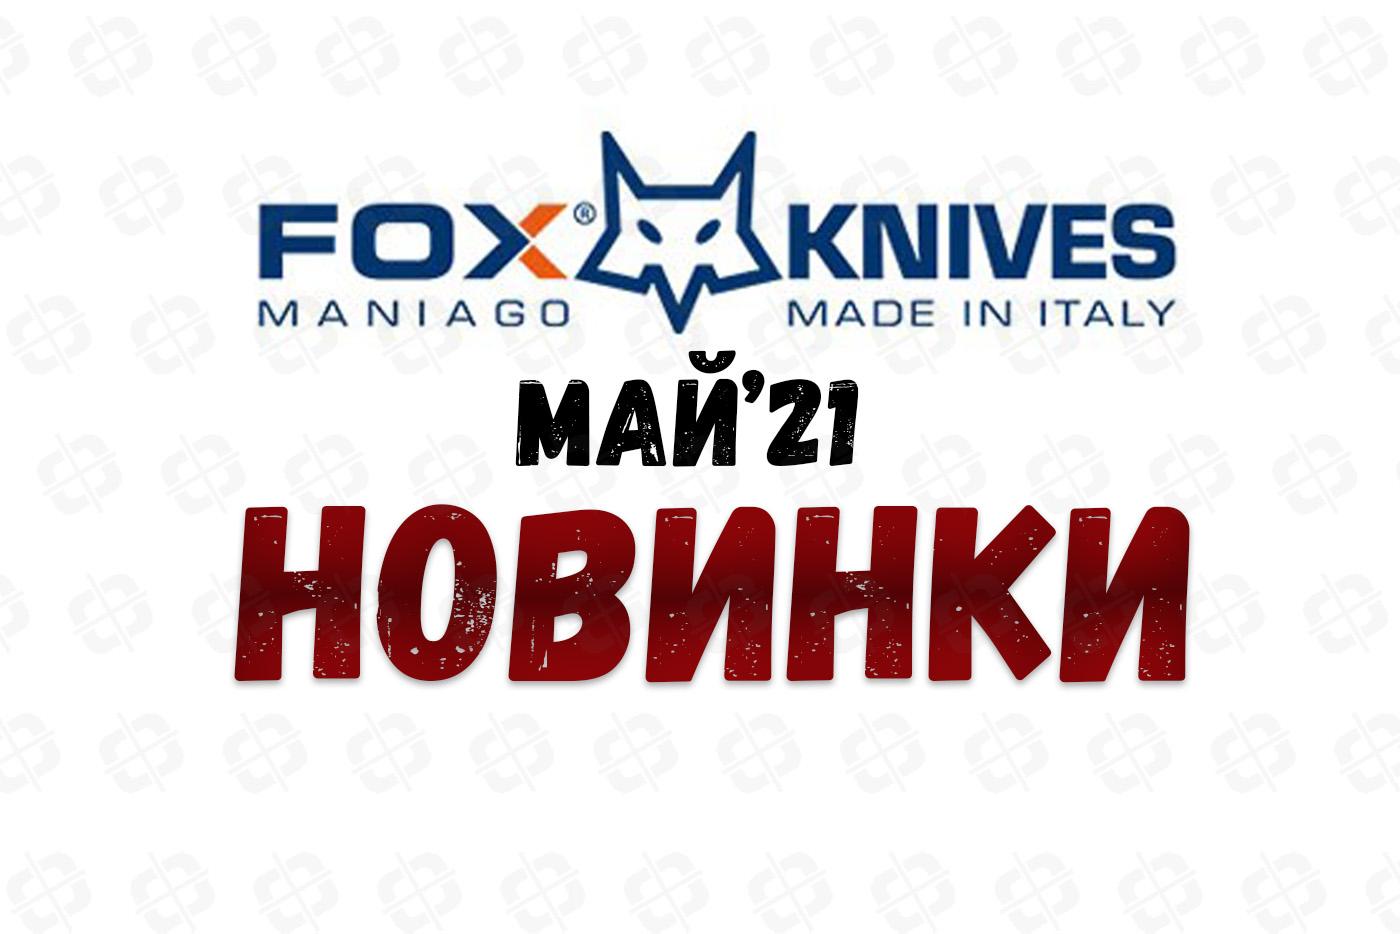 Fox Новинки 0521